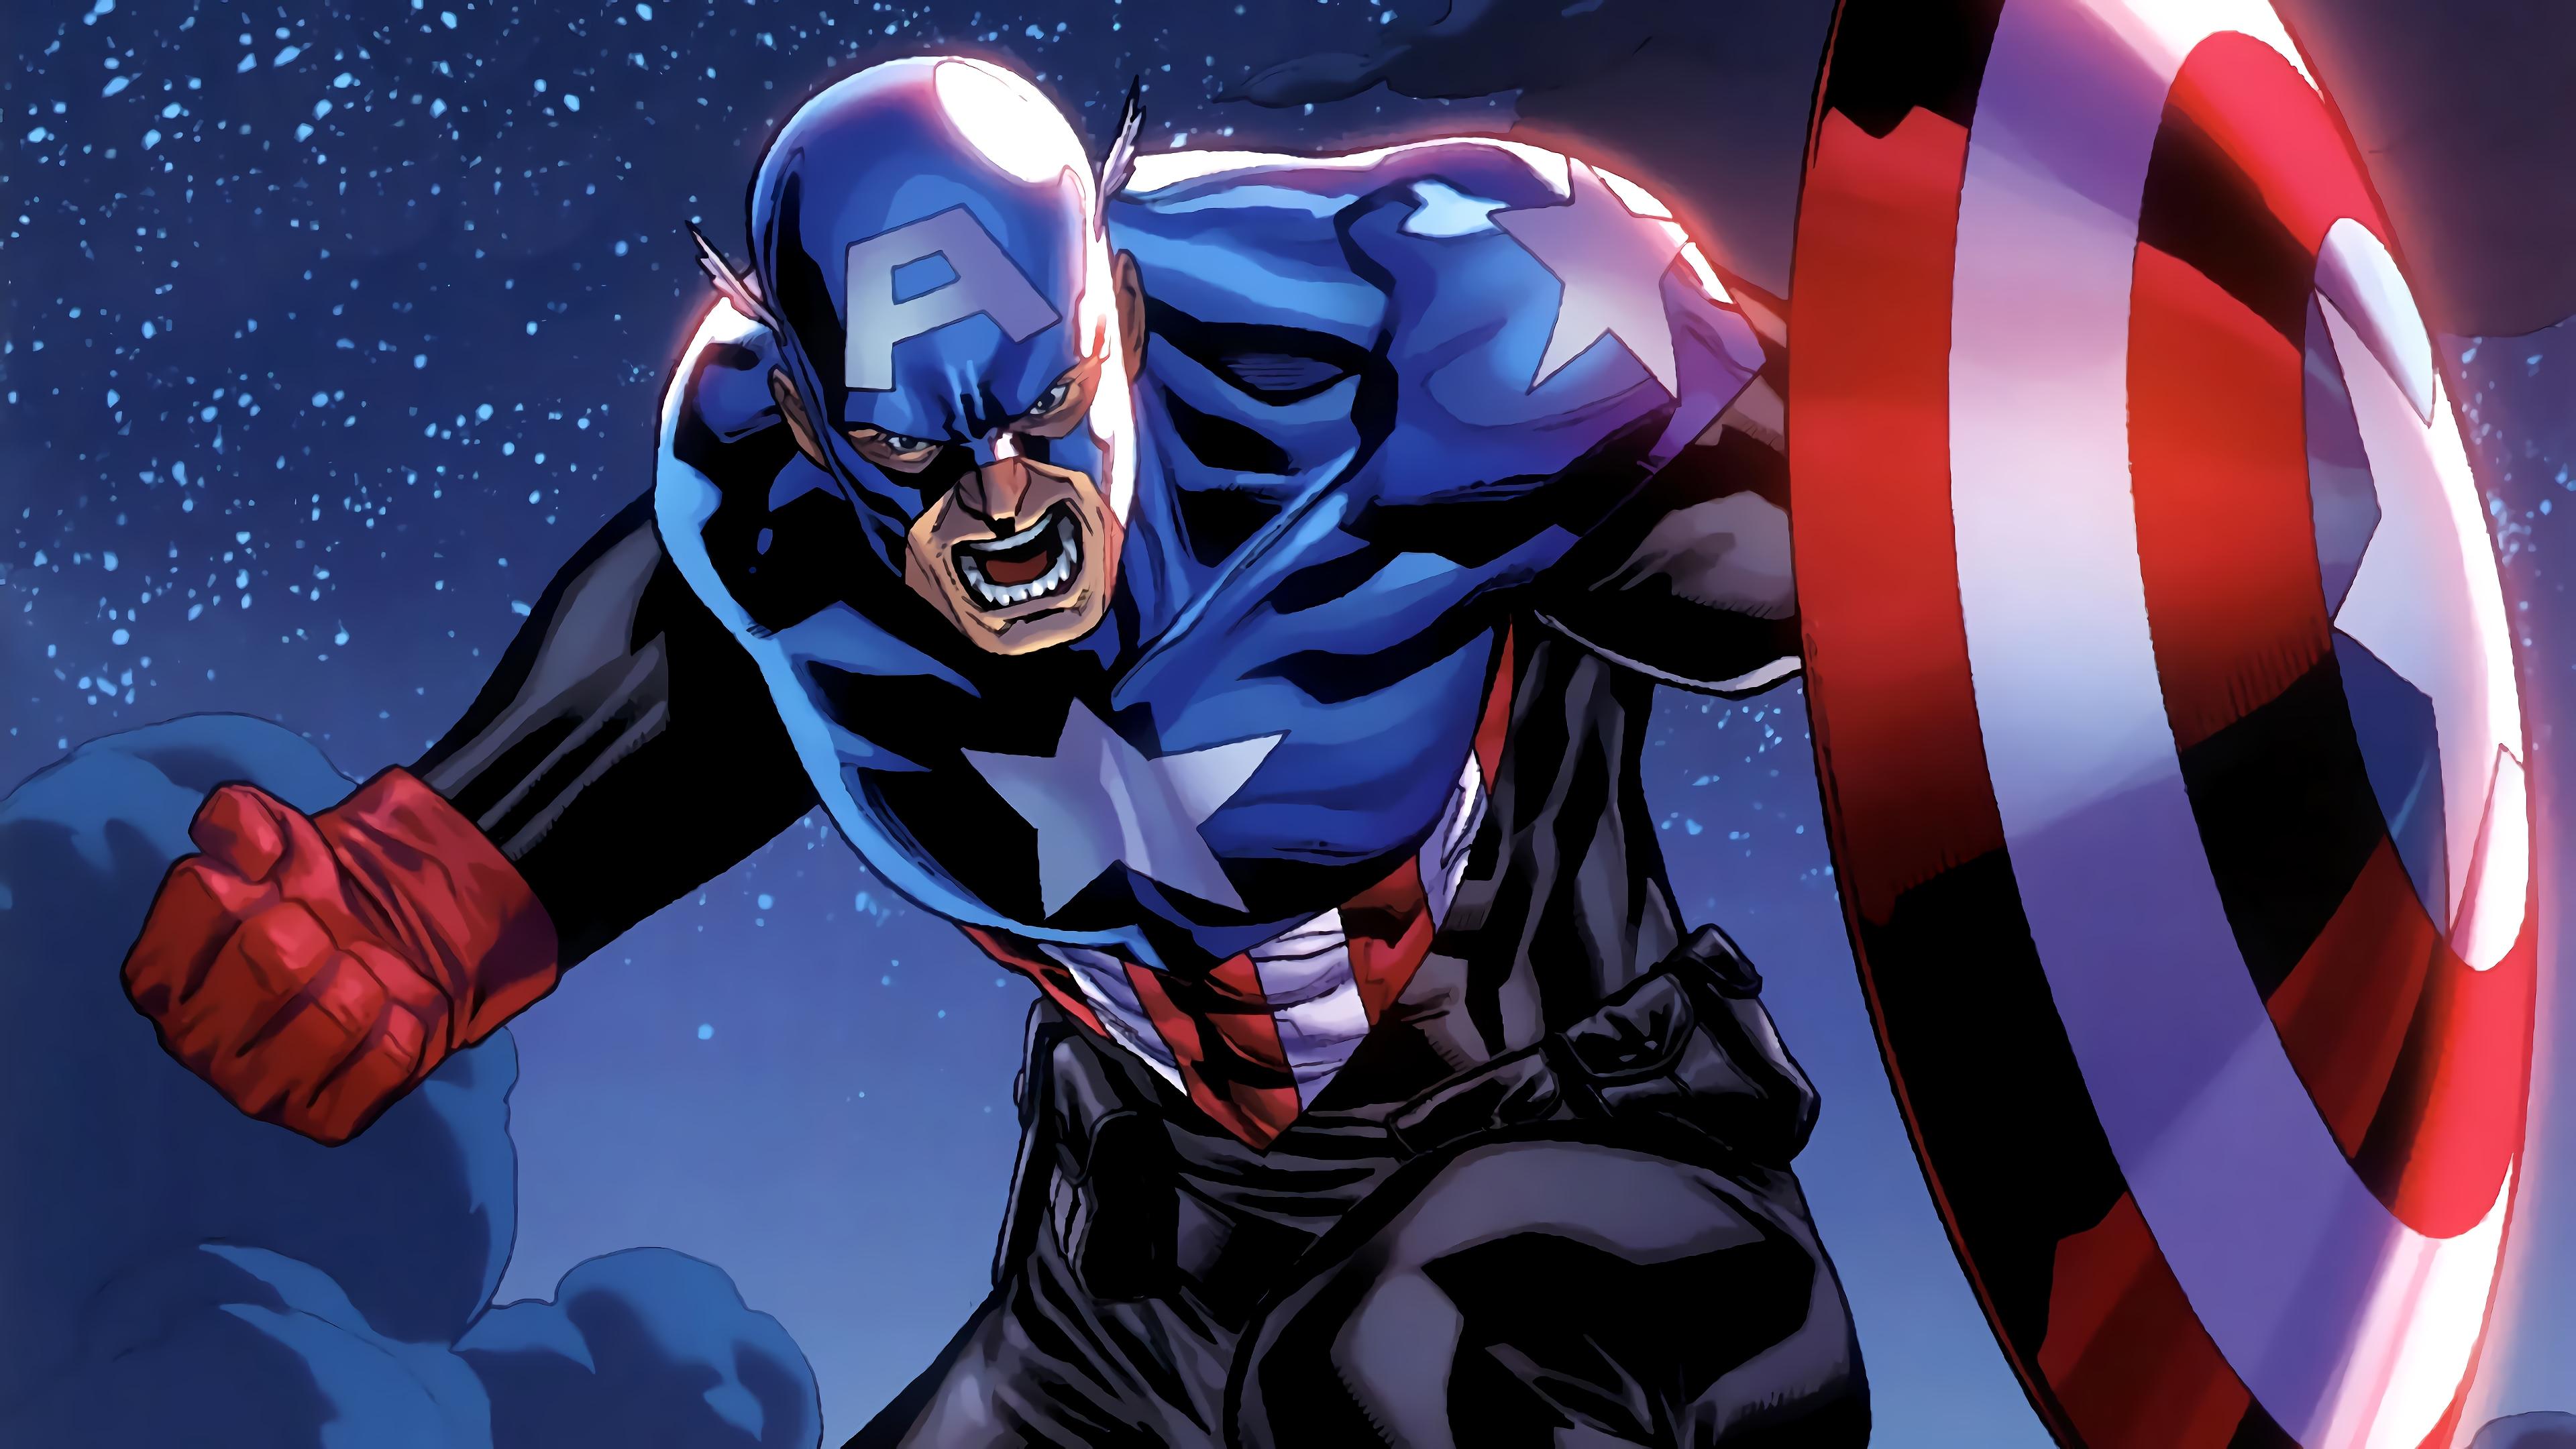 Captain America Marvel Comics 4K Wallpaper Marvel Comics ...